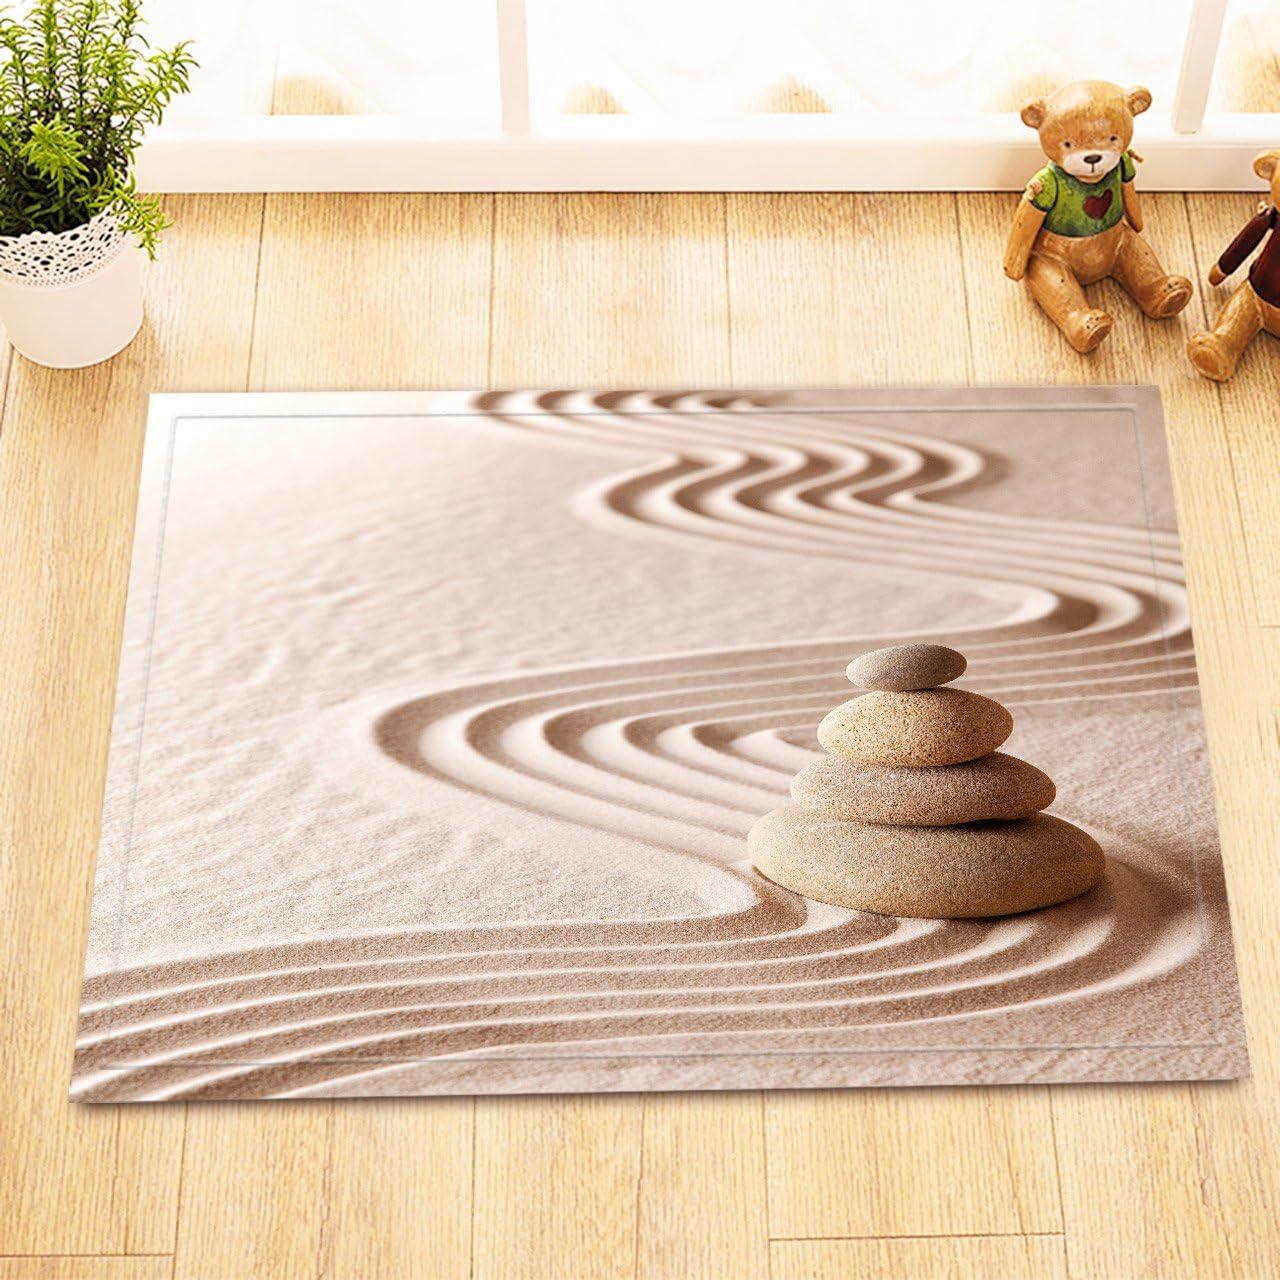 LB Jardín japonés Zen arena textura impresión de piedra pequeña alfombra para baño, seguro antideslizante parte trasera cómoda superficie suave, relajante Asia Zen meditación Spa temática decoración 15 x 23 pulgadas: Amazon.es: